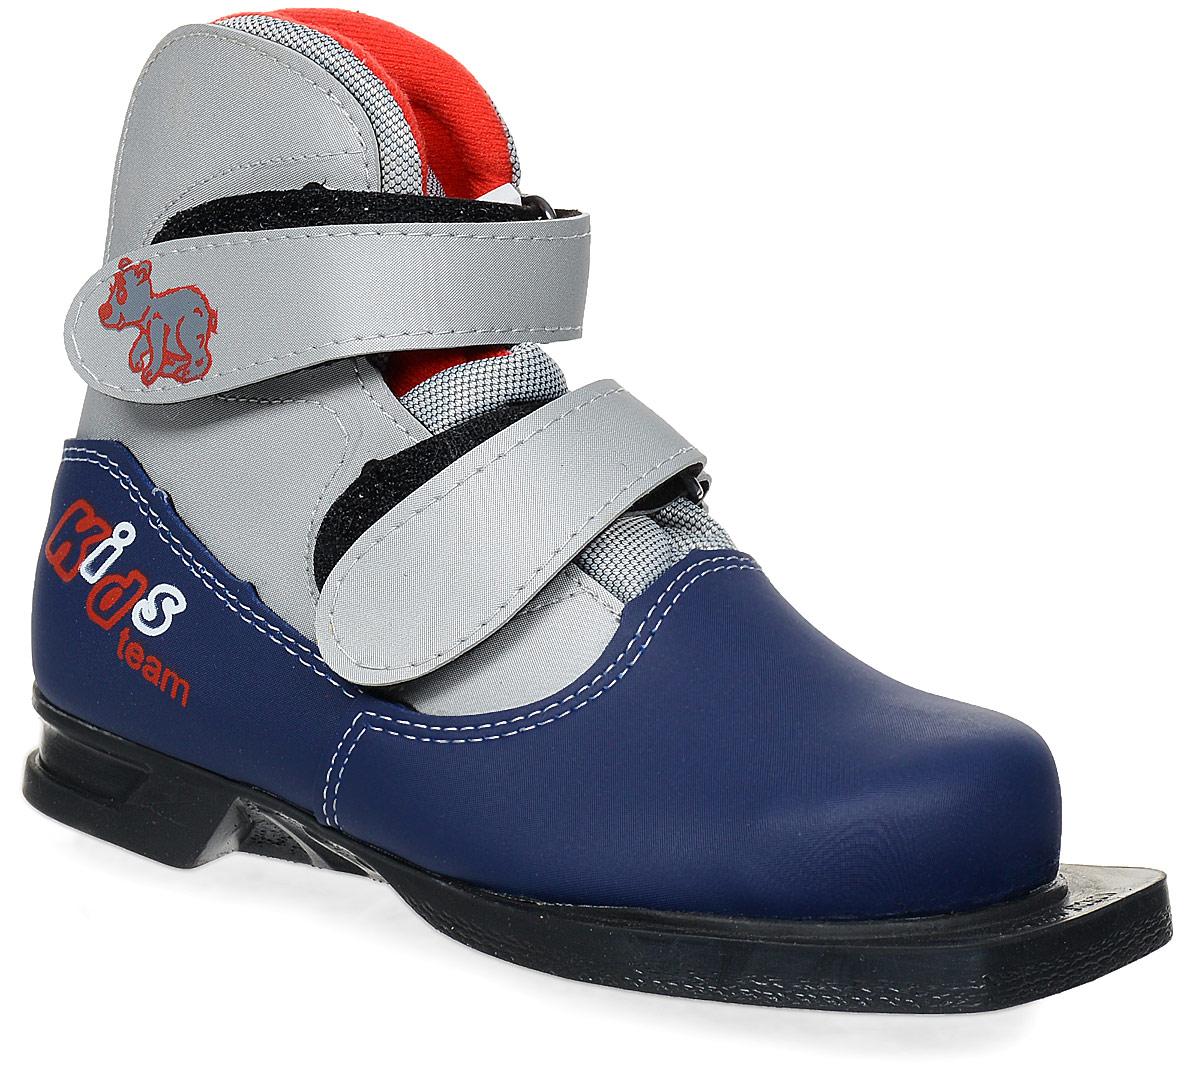 Ботинки лыжные детские Marax, цвет: серый, синий. NN75. Размер 33NN75 Kids_серый, синий_33Лыжные детские ботинки Marax предназначены для активного отдыха. Модельизготовлена из морозостойкой искусственной кожи и текстиля. Подкладка выполнена из искусственного меха и флиса, благодаря чему ваши ноги всегда будут в тепле. Шерстяная стелька комфортна при беге. Вставка на заднике обеспечивает дополнительную жесткость, позволяя дольше сохранять первоначальную форму ботинка и предотвращать натирание стопы. Ботинки снабжены удобными застежками-липучками, которые надежно фиксируют модель на ноге и регулируют объем, а также язычком-клапаном, который защищает от попадания снега и влаги. Подошва системы 75 мм из двухкомпонентной резины, является надежной и весьма простой системой крепежа и позволяет безбоязненно использовать ботинок до -30°С. В таких лыжных ботинках вам будет комфортно и уютно.